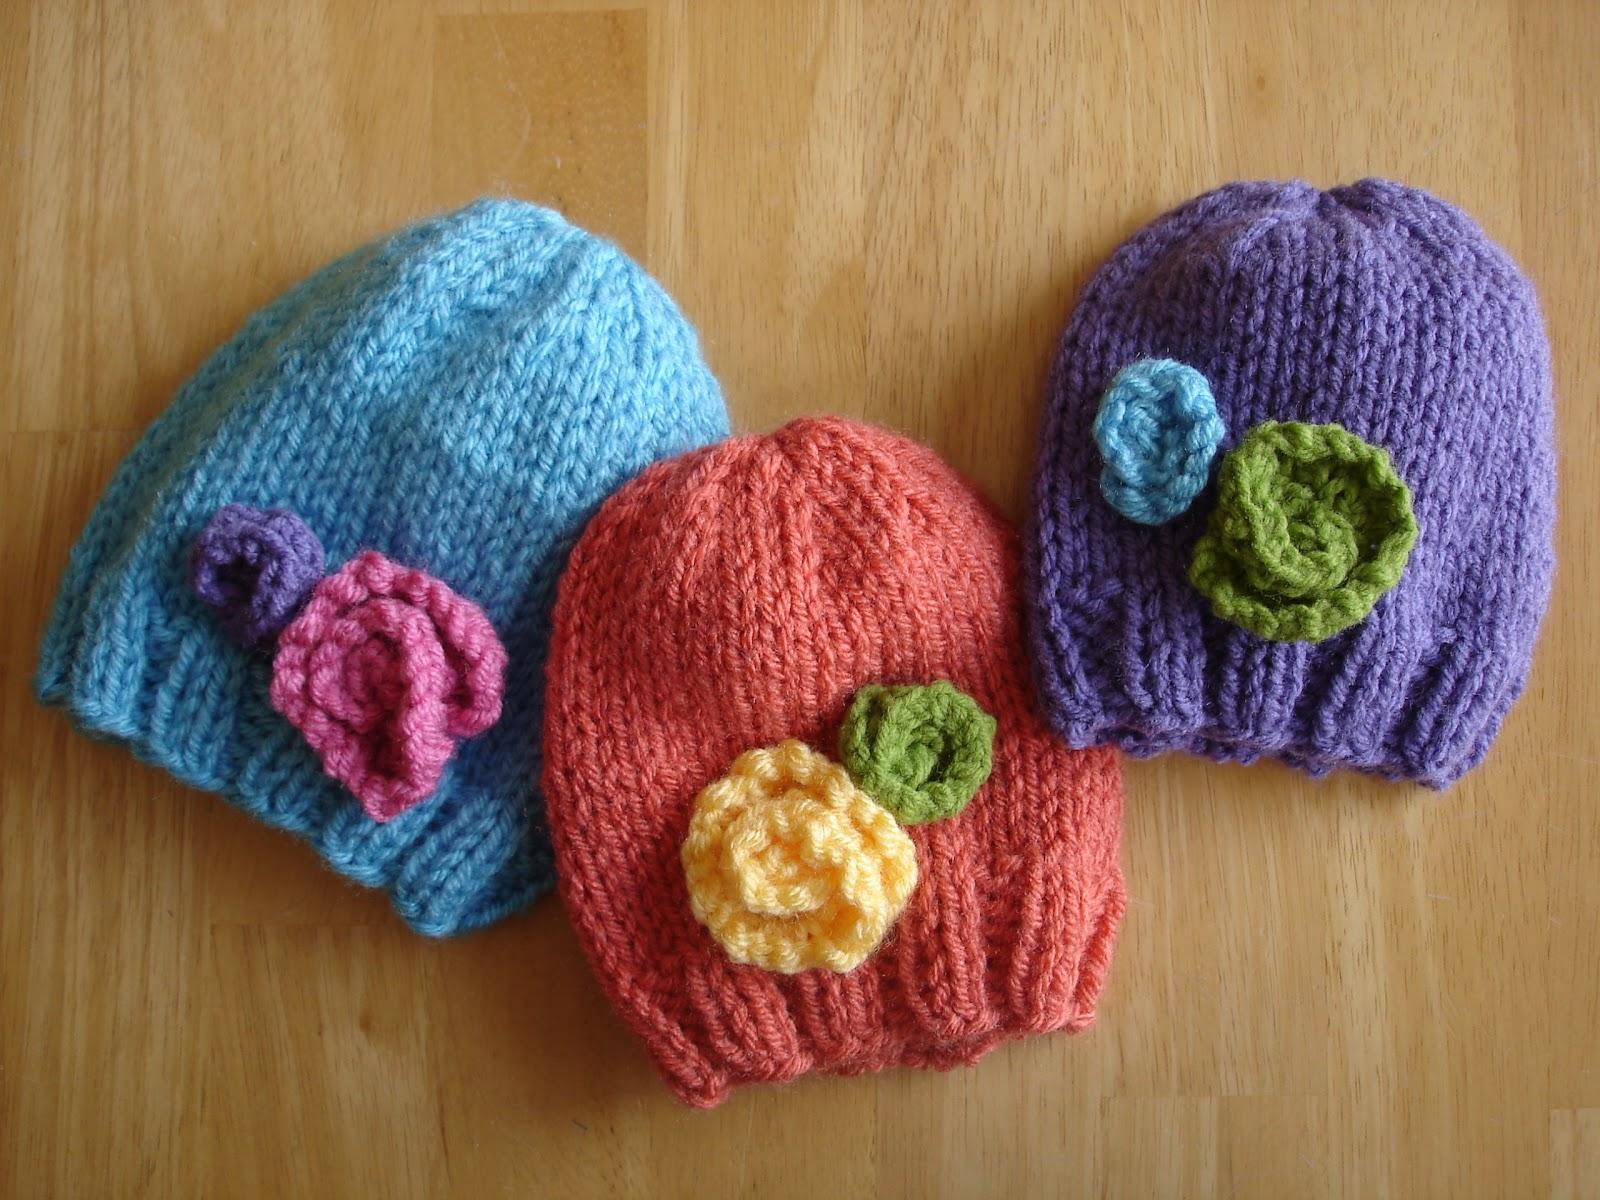 loom knit baby hat pattern